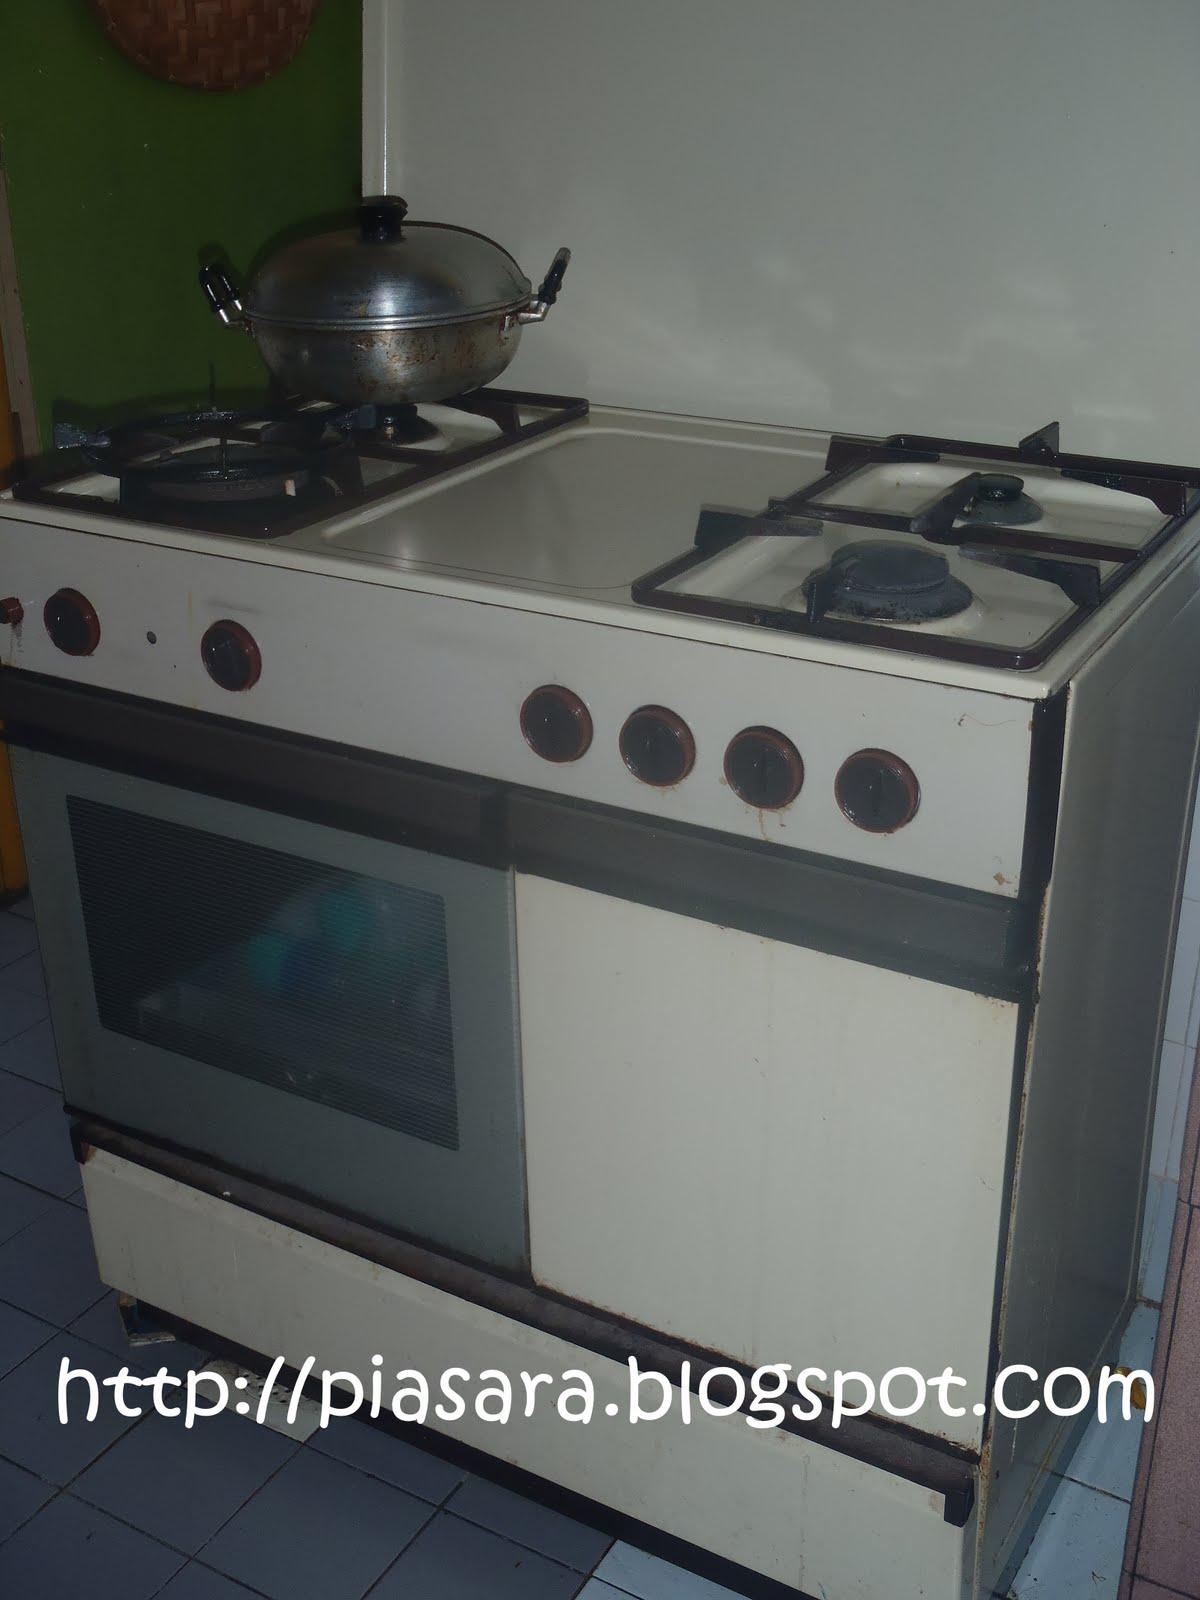 Hah Ini Lah Oven Saya Yg Dah Rosak Tu Tapi Dapur Masak Masih Boleh Pakai A Api Dia Tak Berapa Besar Mungkin Sbb Tersumbat Kot Lama